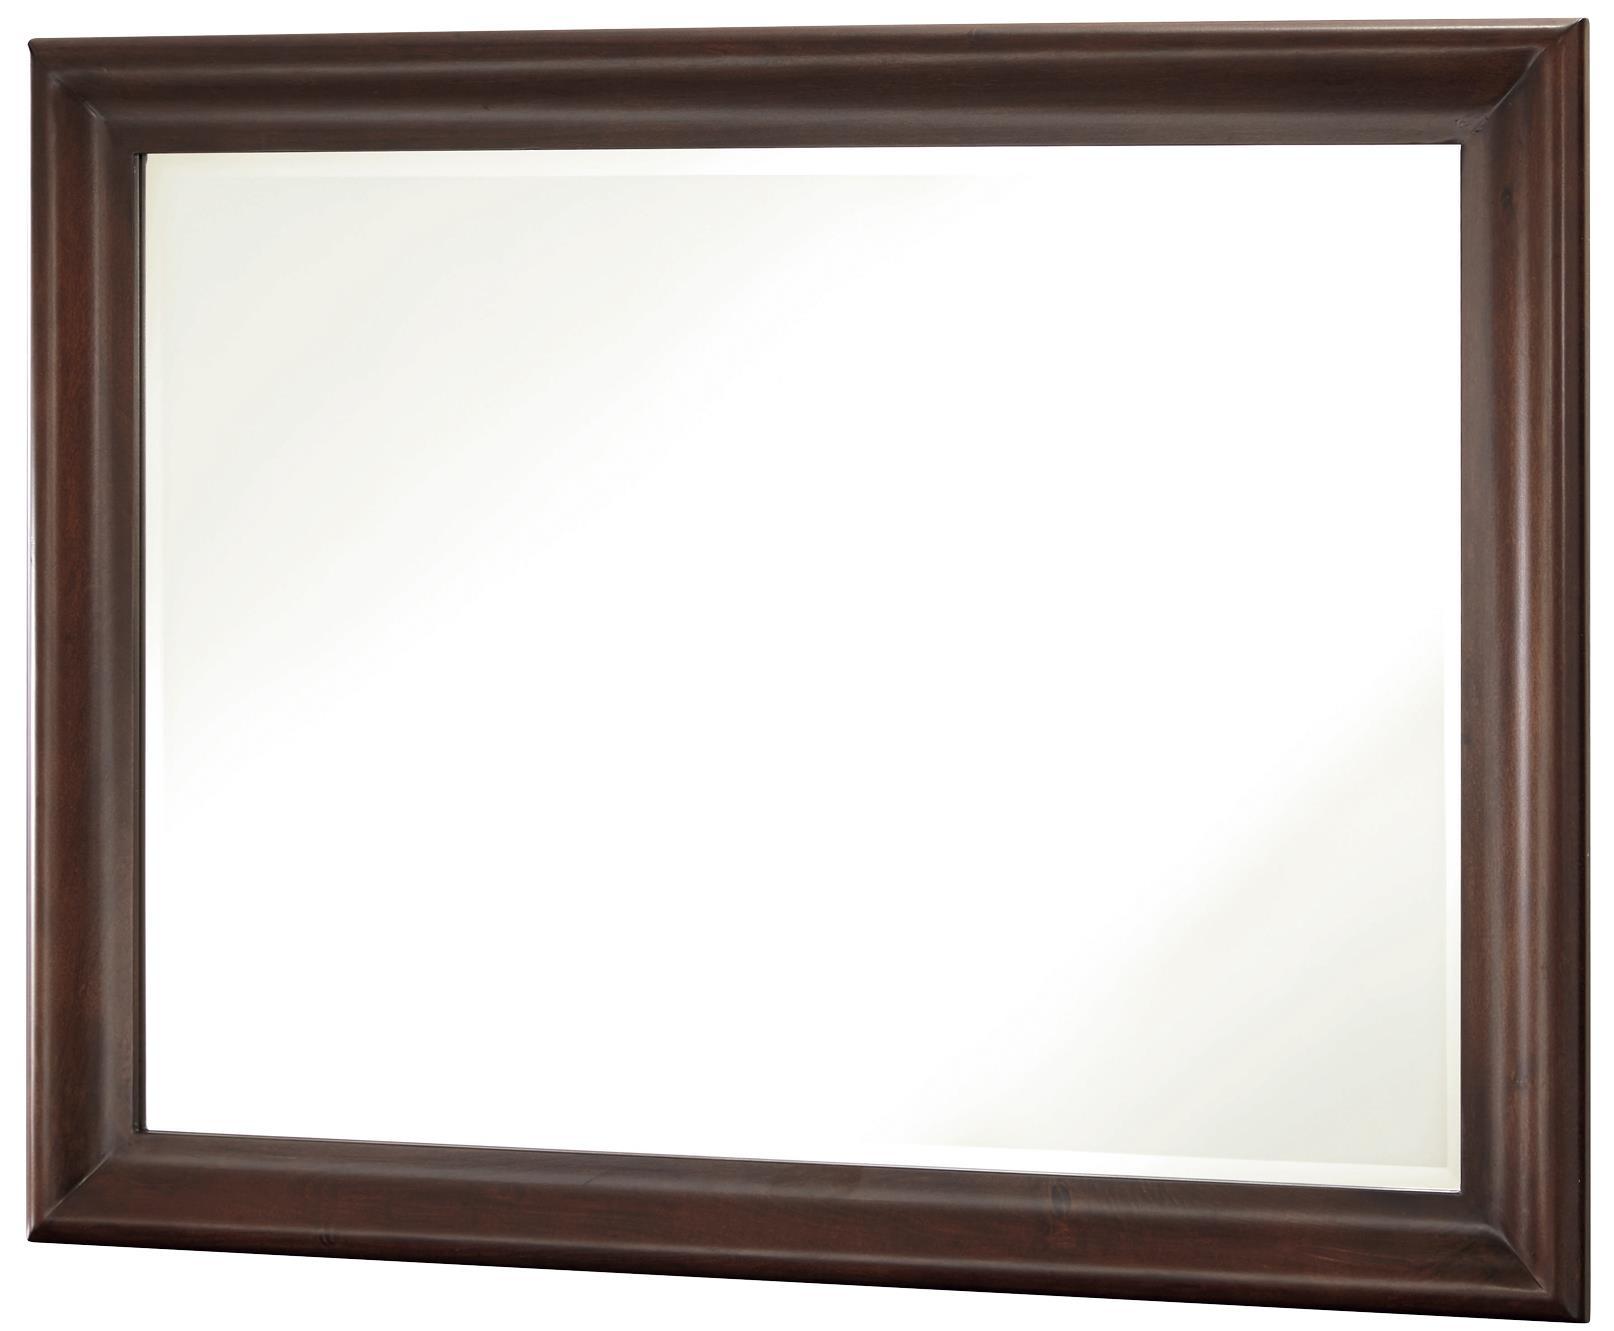 Smartstuff Classics 4.0 Mirror - Item Number: 1312032